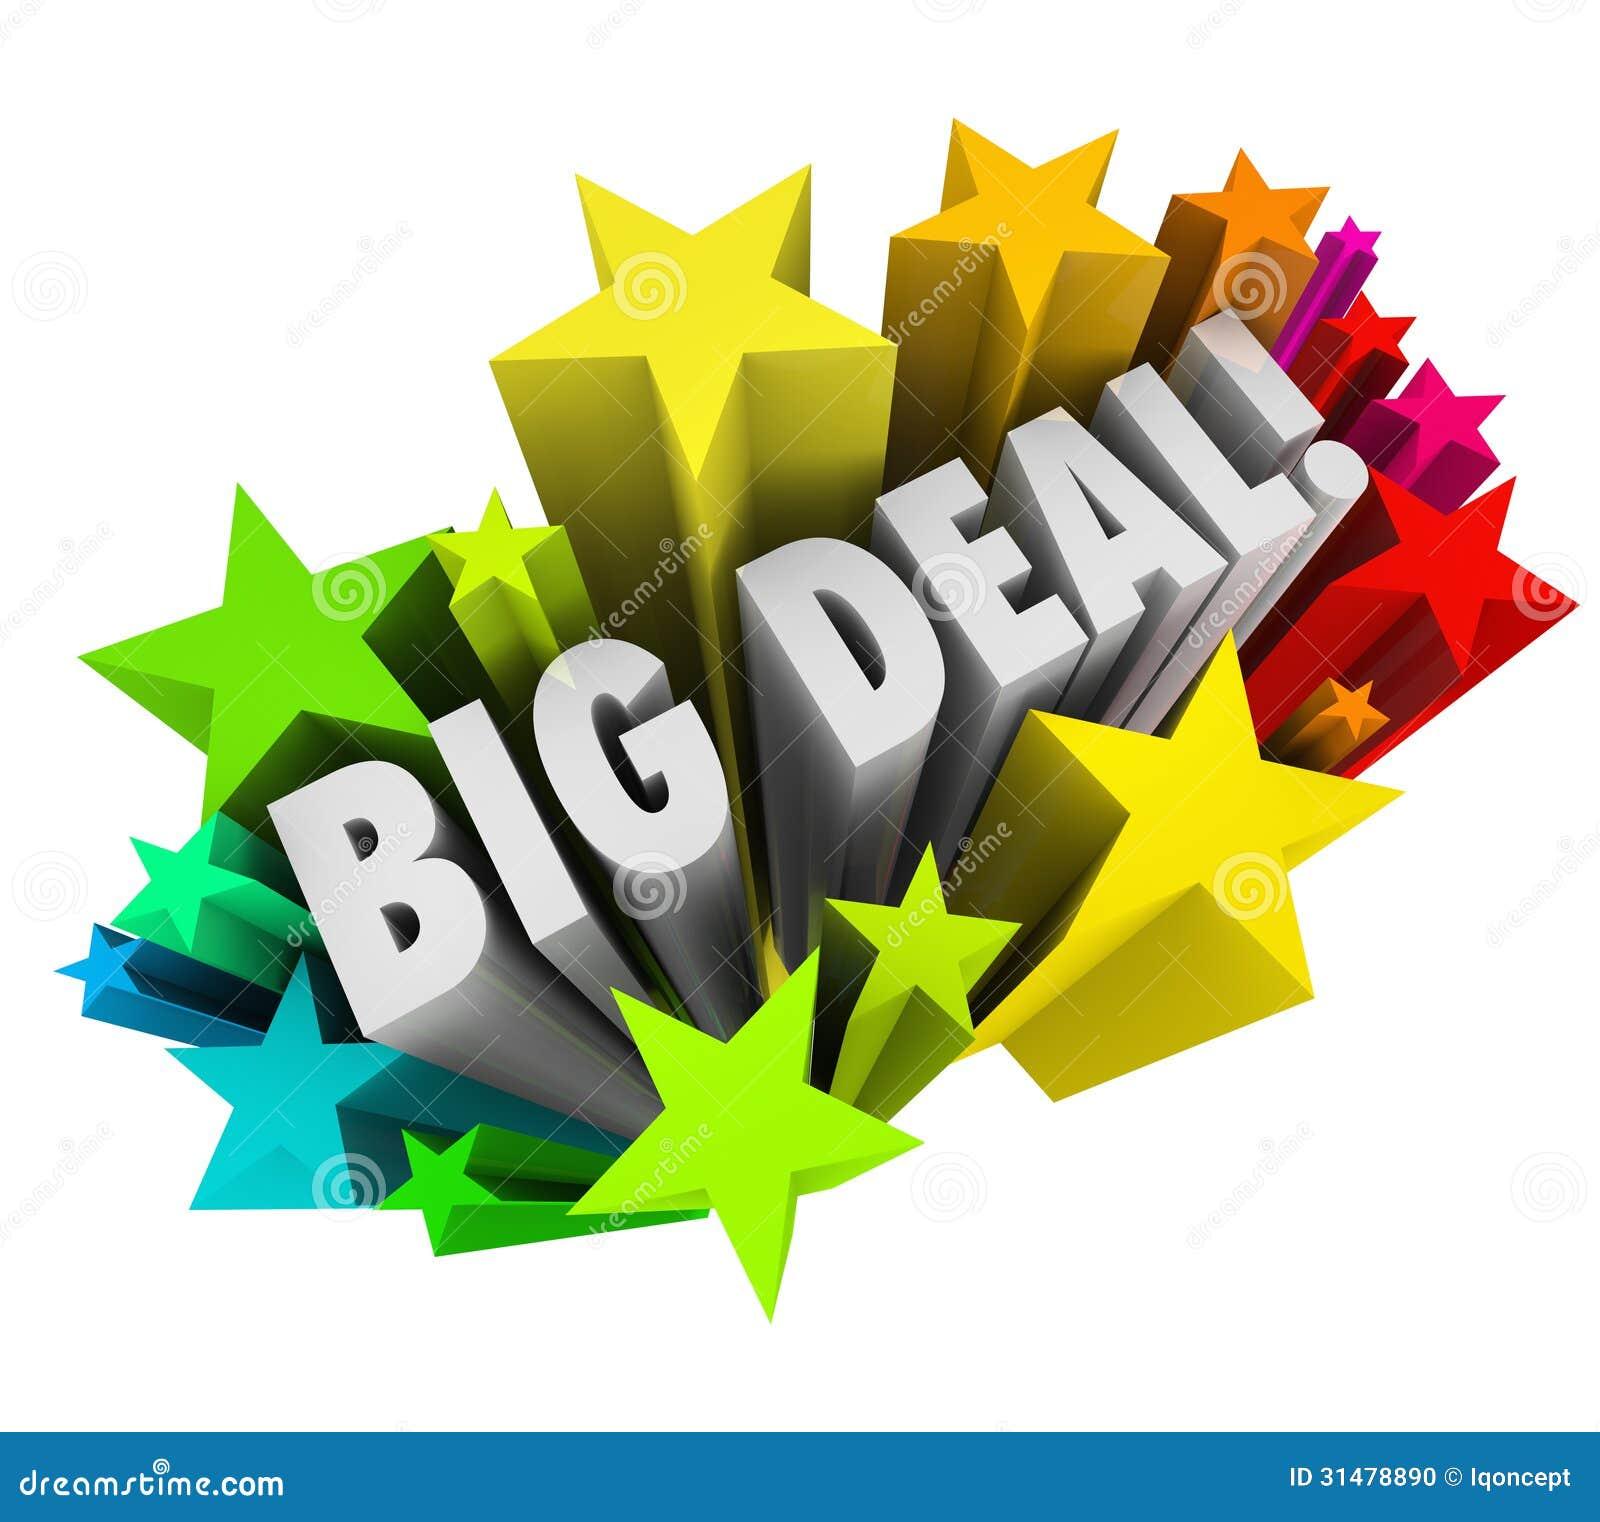 Крупная сделка формулирует продажу важной новости фейерверков звезд